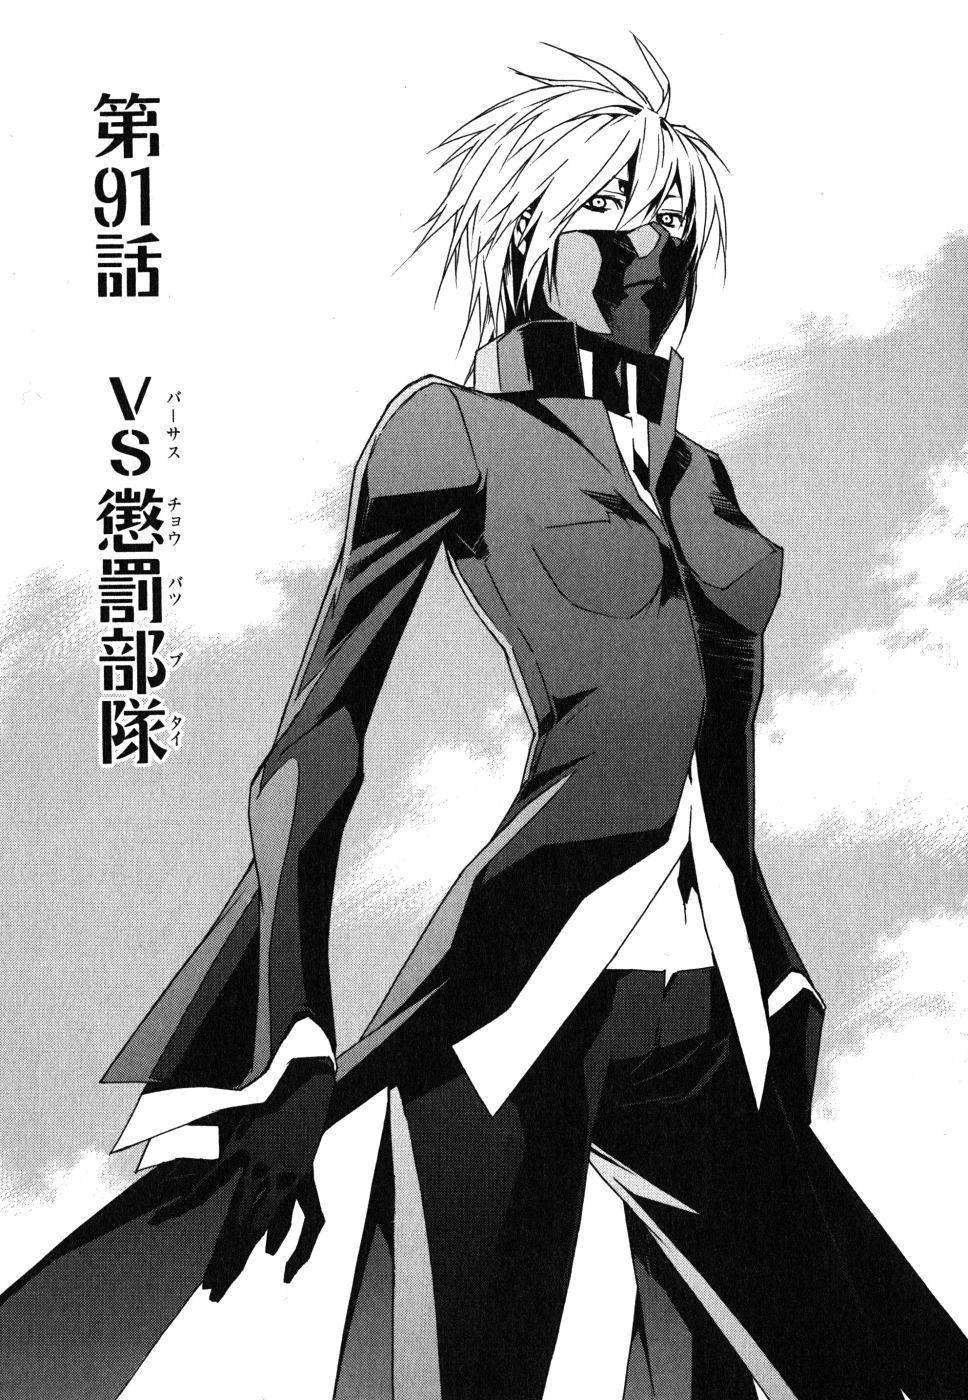 Sekirei manga chapter 091.jpg